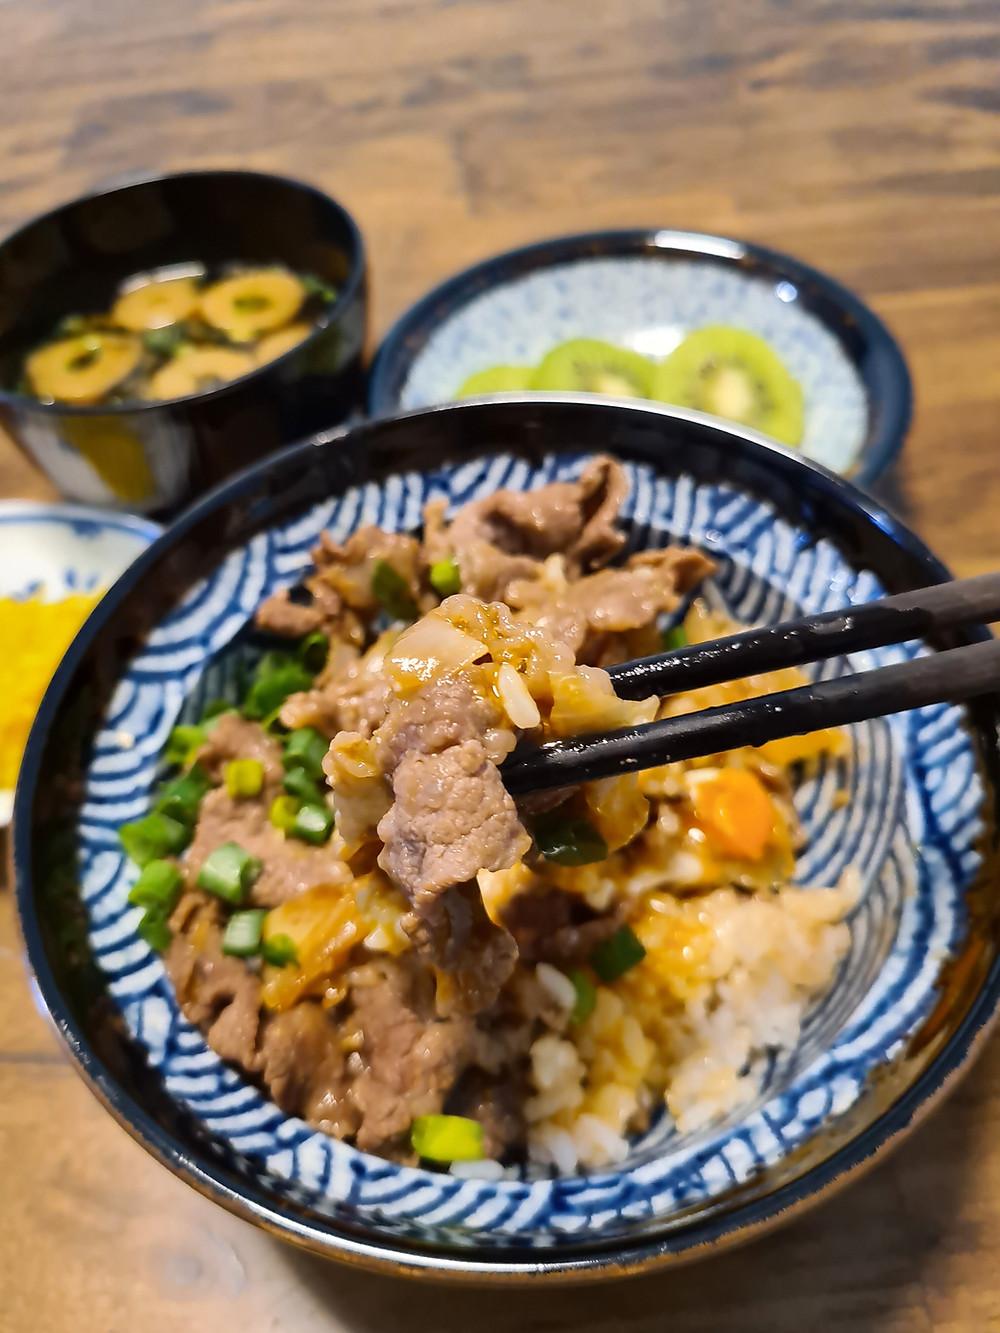 gyudon, beef bowl